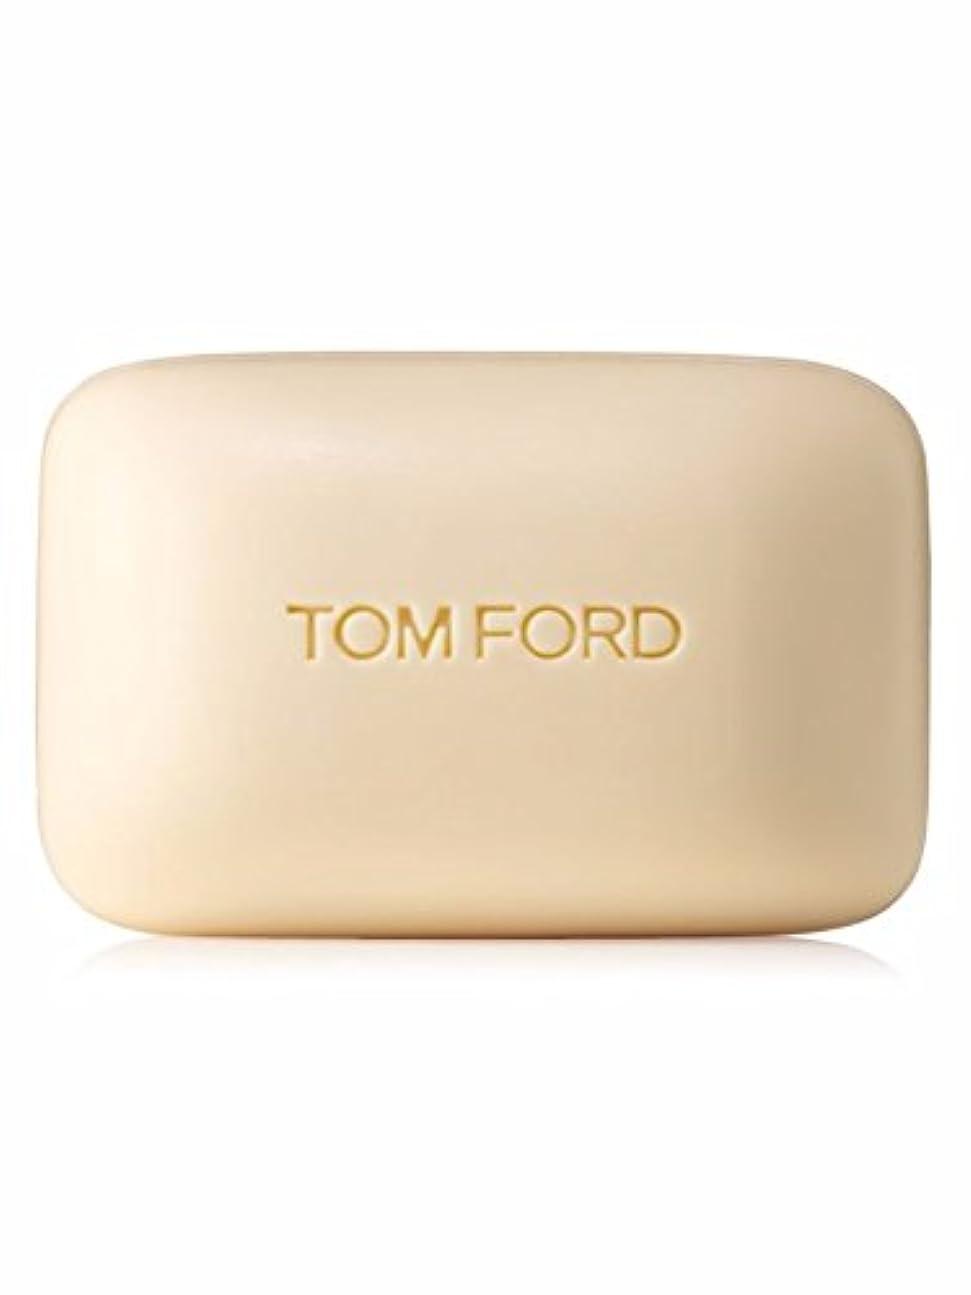 取り戻す確認してください限られたTom Ford Private Blend 'Neroli Portofino' (トムフォード プライベートブレンド ネロリポートフィーノ) 5.5 oz (165ml) Bar Soap (固形石鹸)